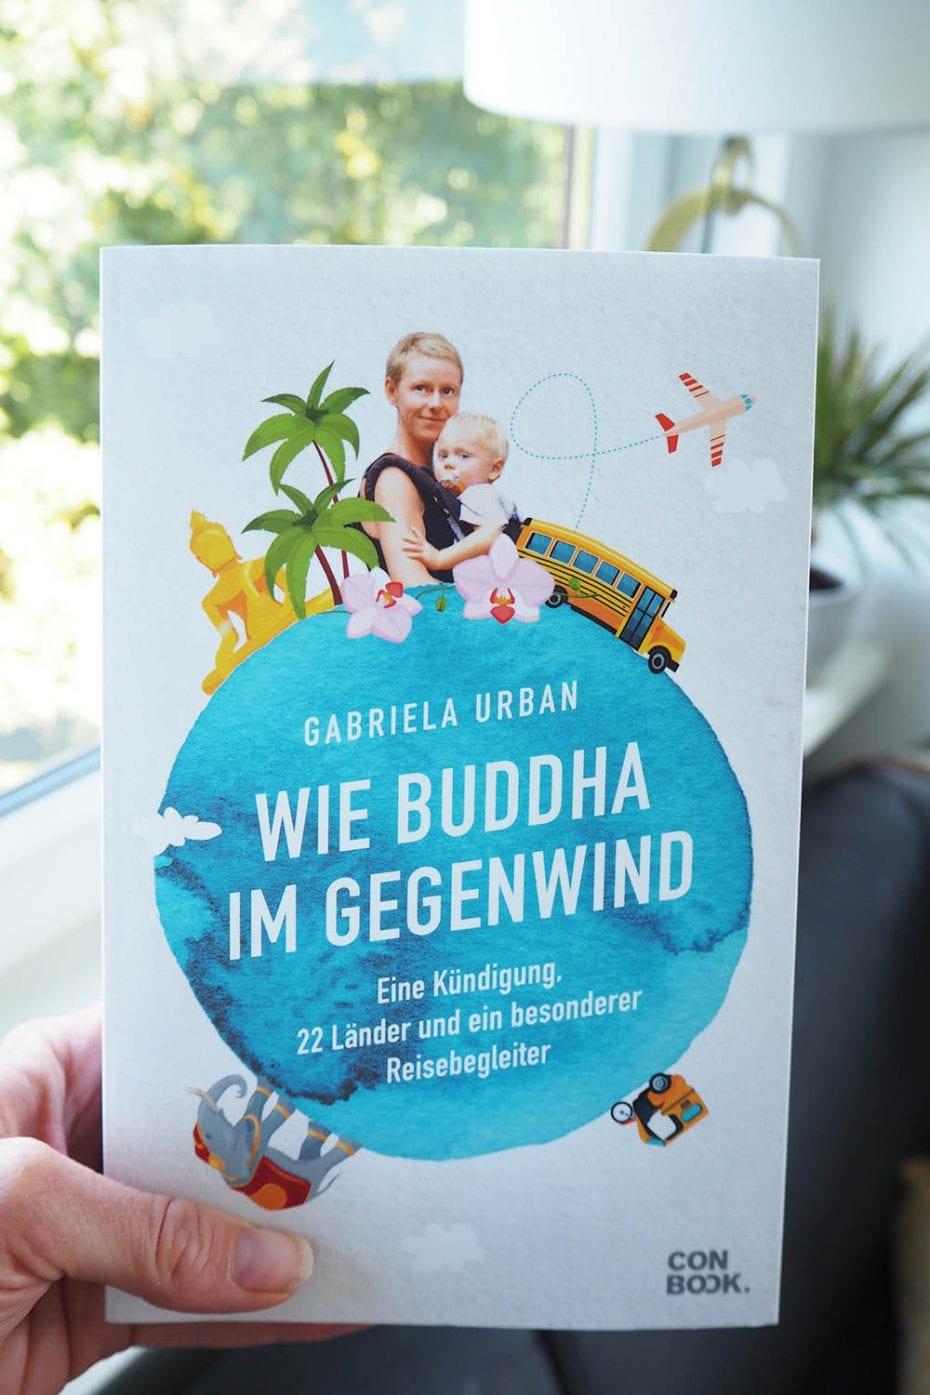 Die besten Reisebücher von Frauen: Wie Buddha im Gegenwind